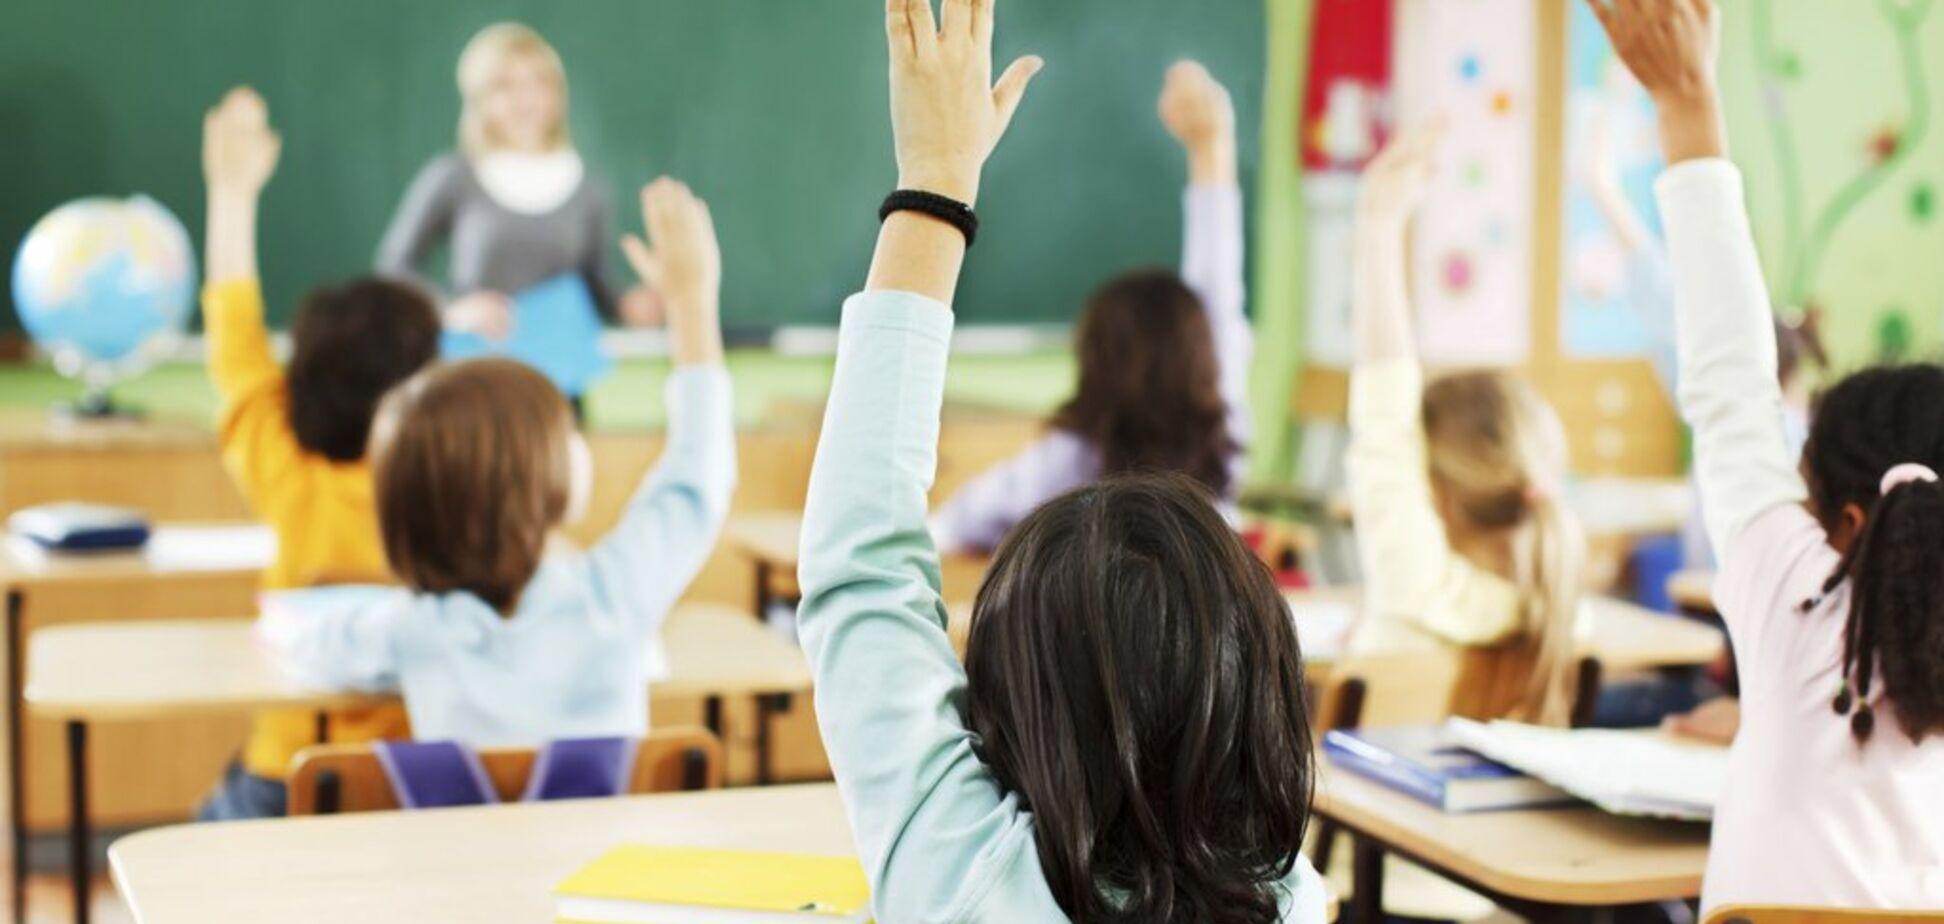 Математическое образование является расистским: американские школы удивили неожиданным заявлением